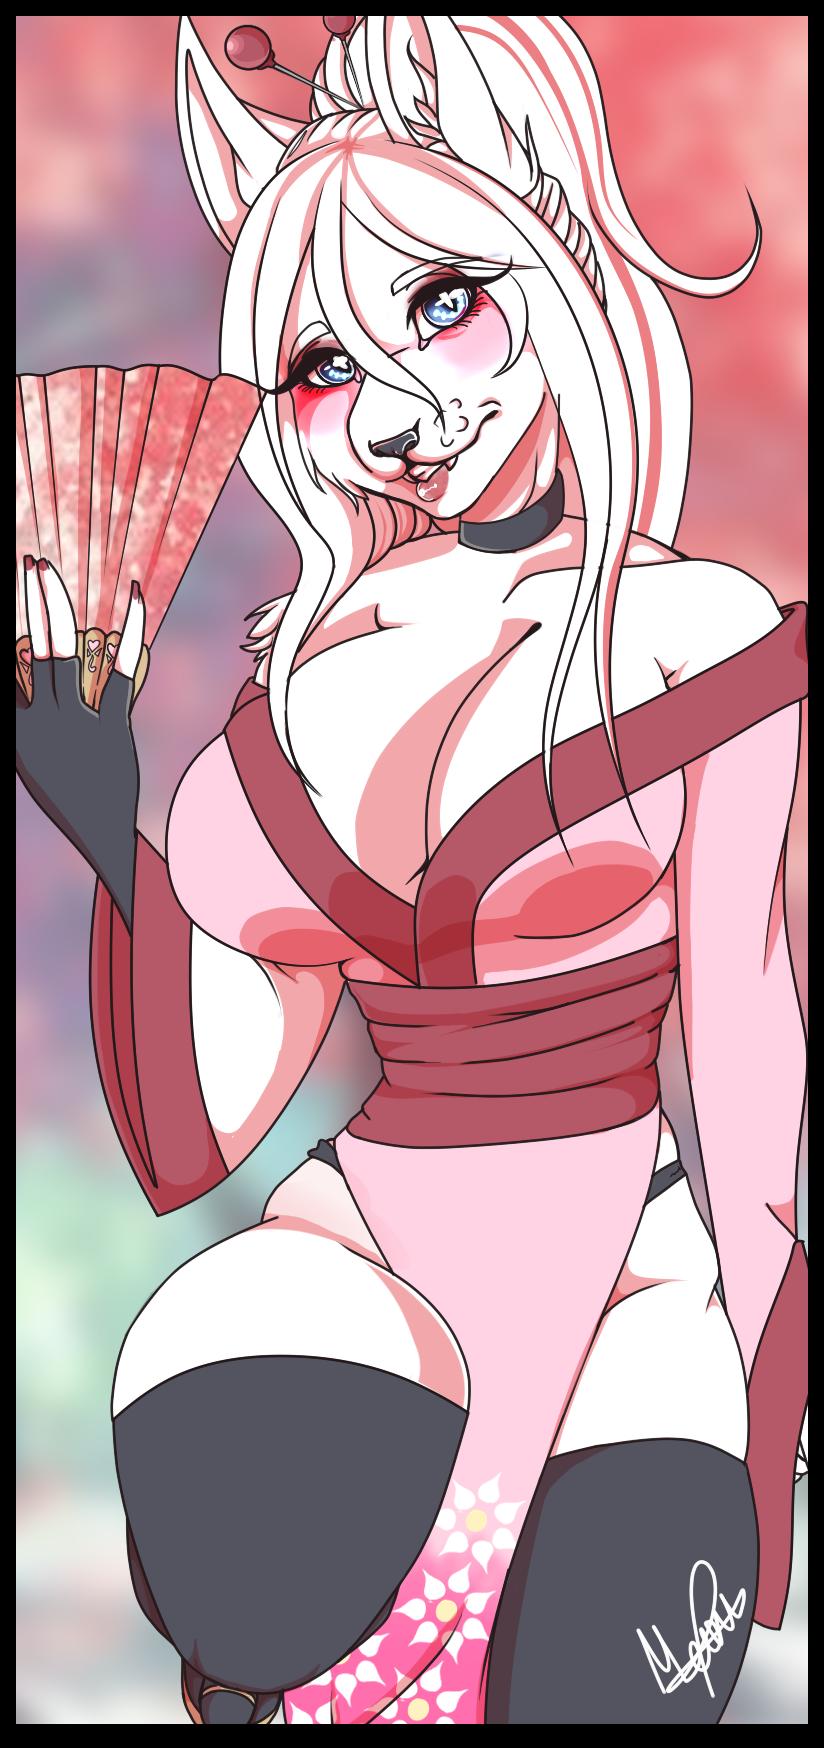 Izumi style 2 kimono by Meow-Ku